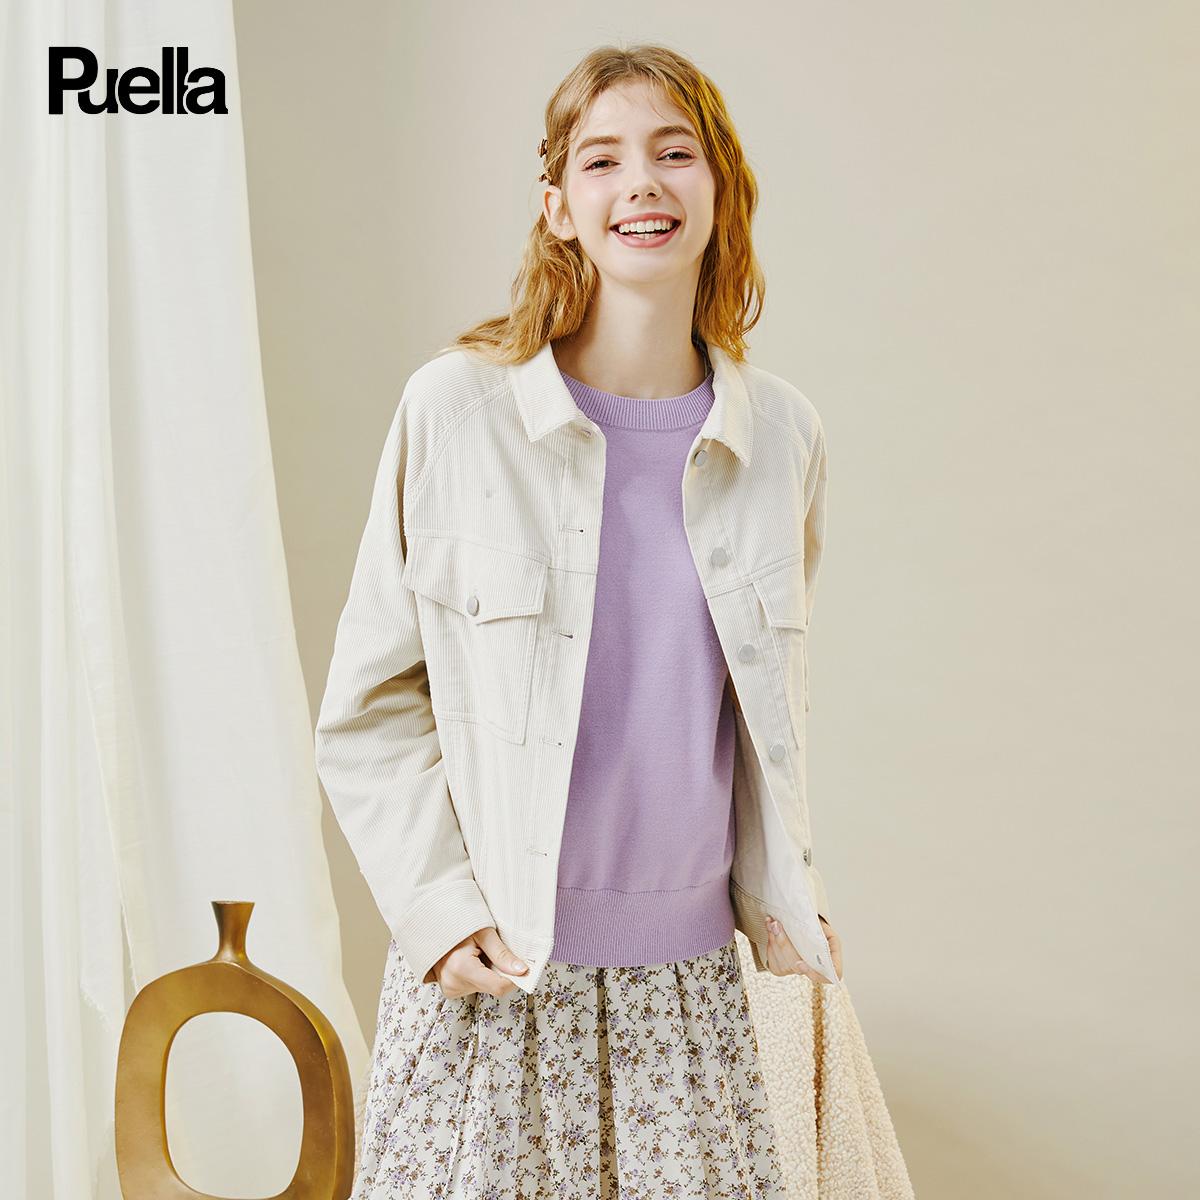 开春外套女韩版2020春装新款ins潮网红小众时尚休闲宽松夹克上衣,降价幅度35.8%